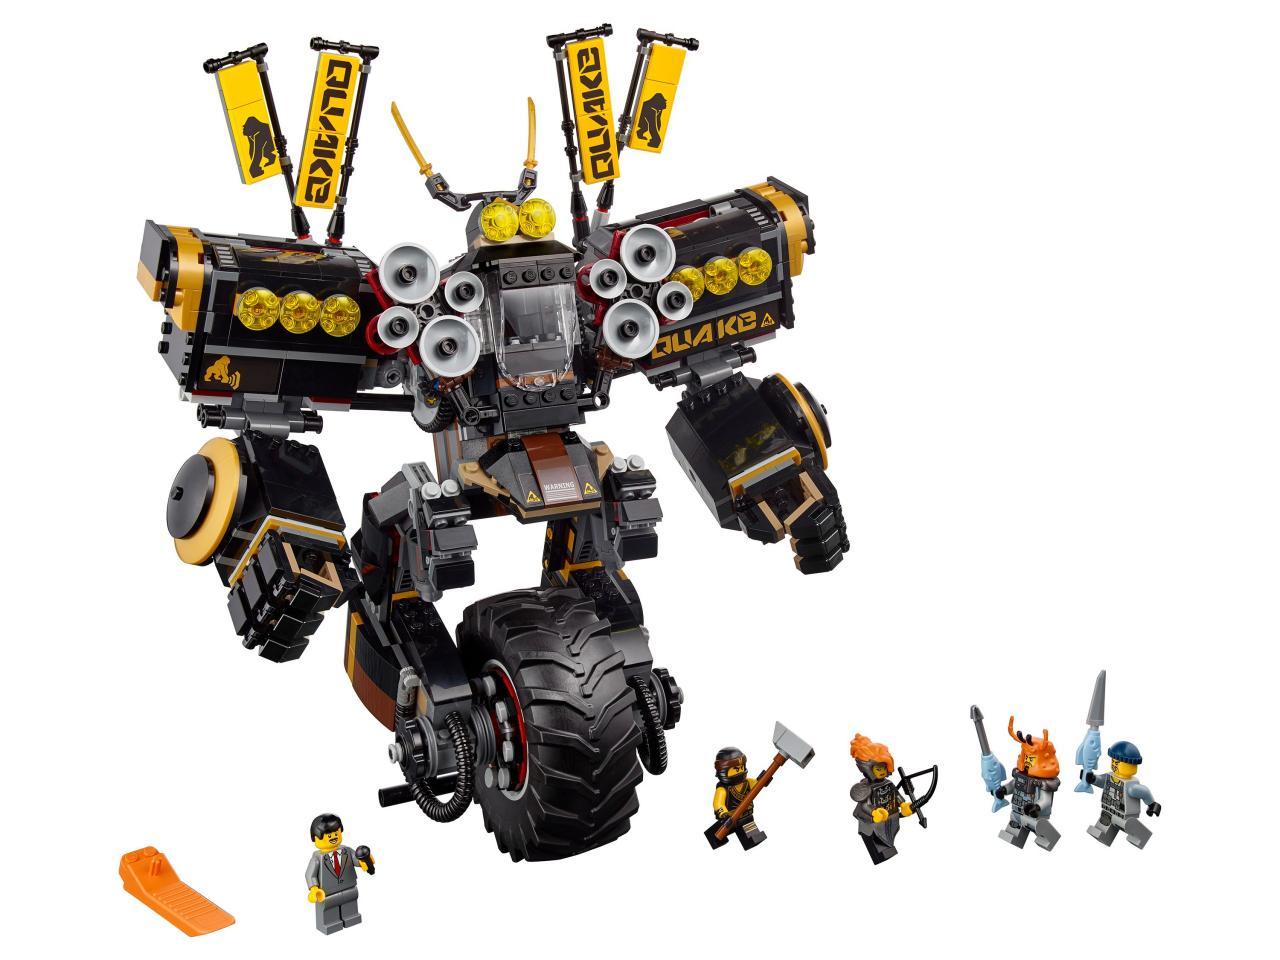 Купить Конструктор LEGO 70632 Ninjago Робот землетрясений, пластик, Для мальчиков и девочек, Дания, Конструкторы